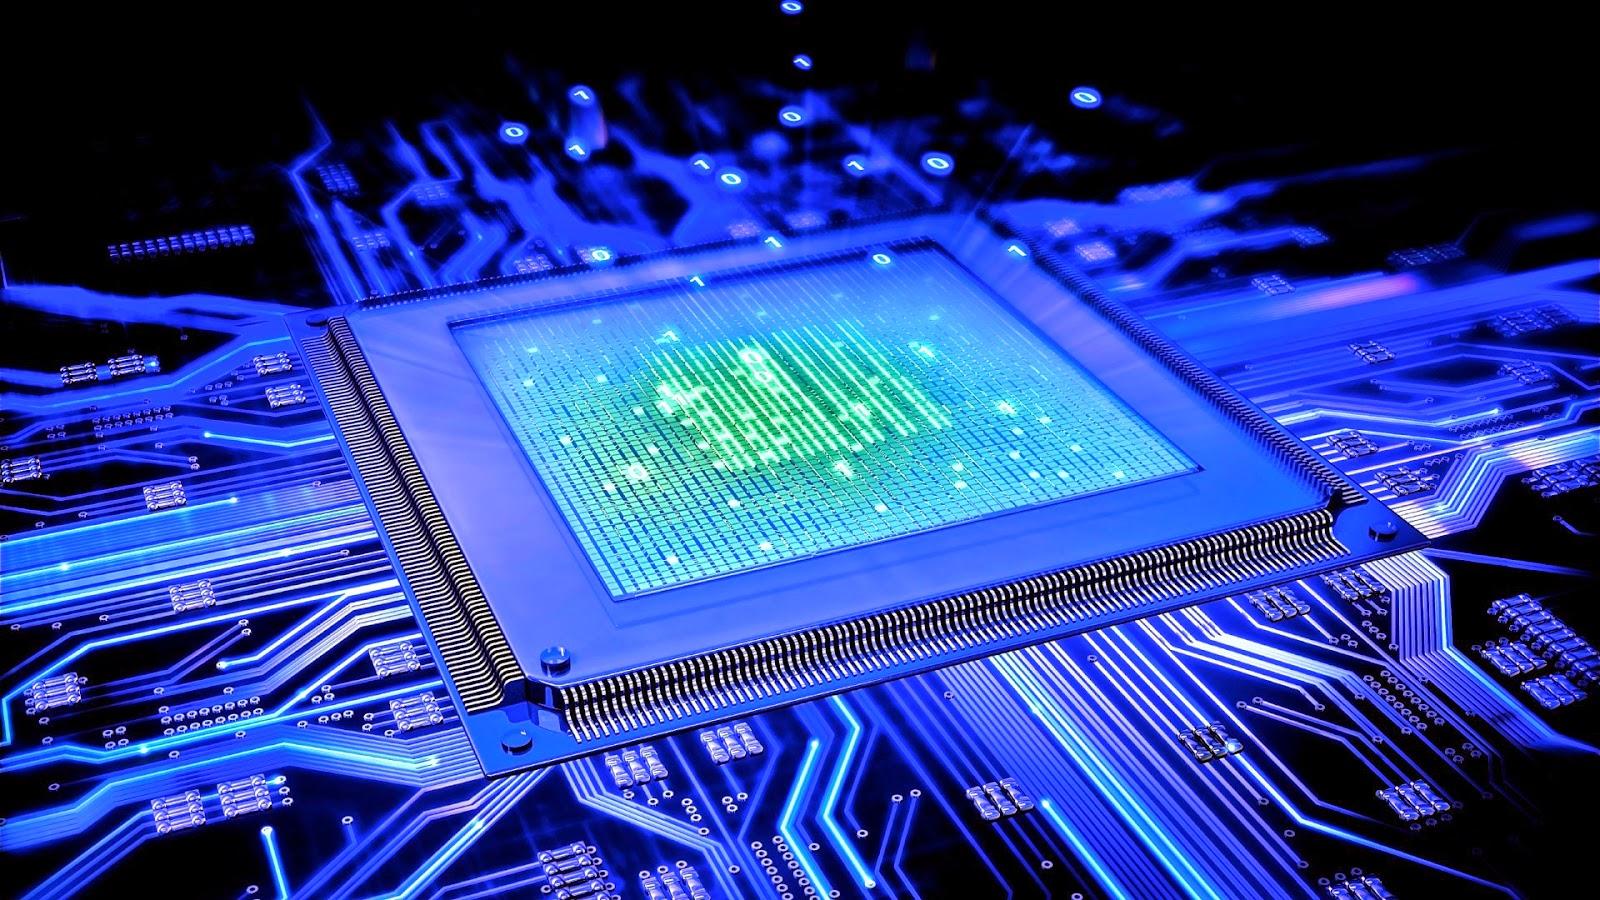 Micro Processor Hd wallpaper